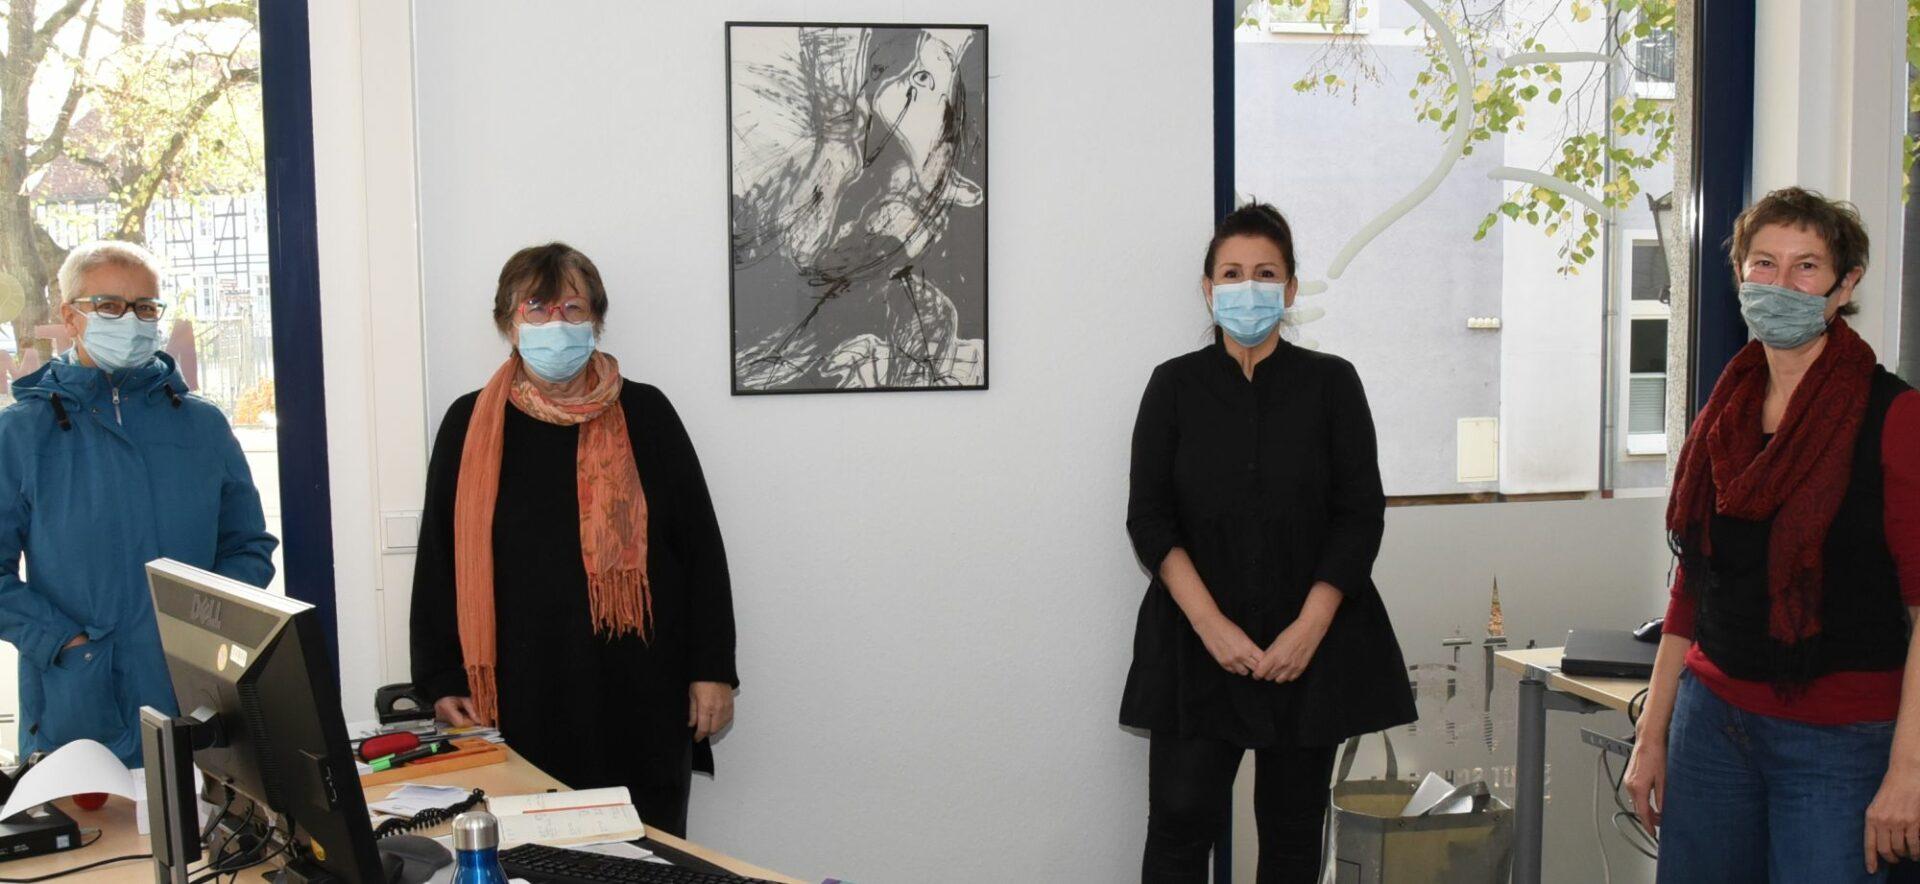 Im Büro der MitMachStadt: Das Bild des Monats ein Zeichen für die Kunst